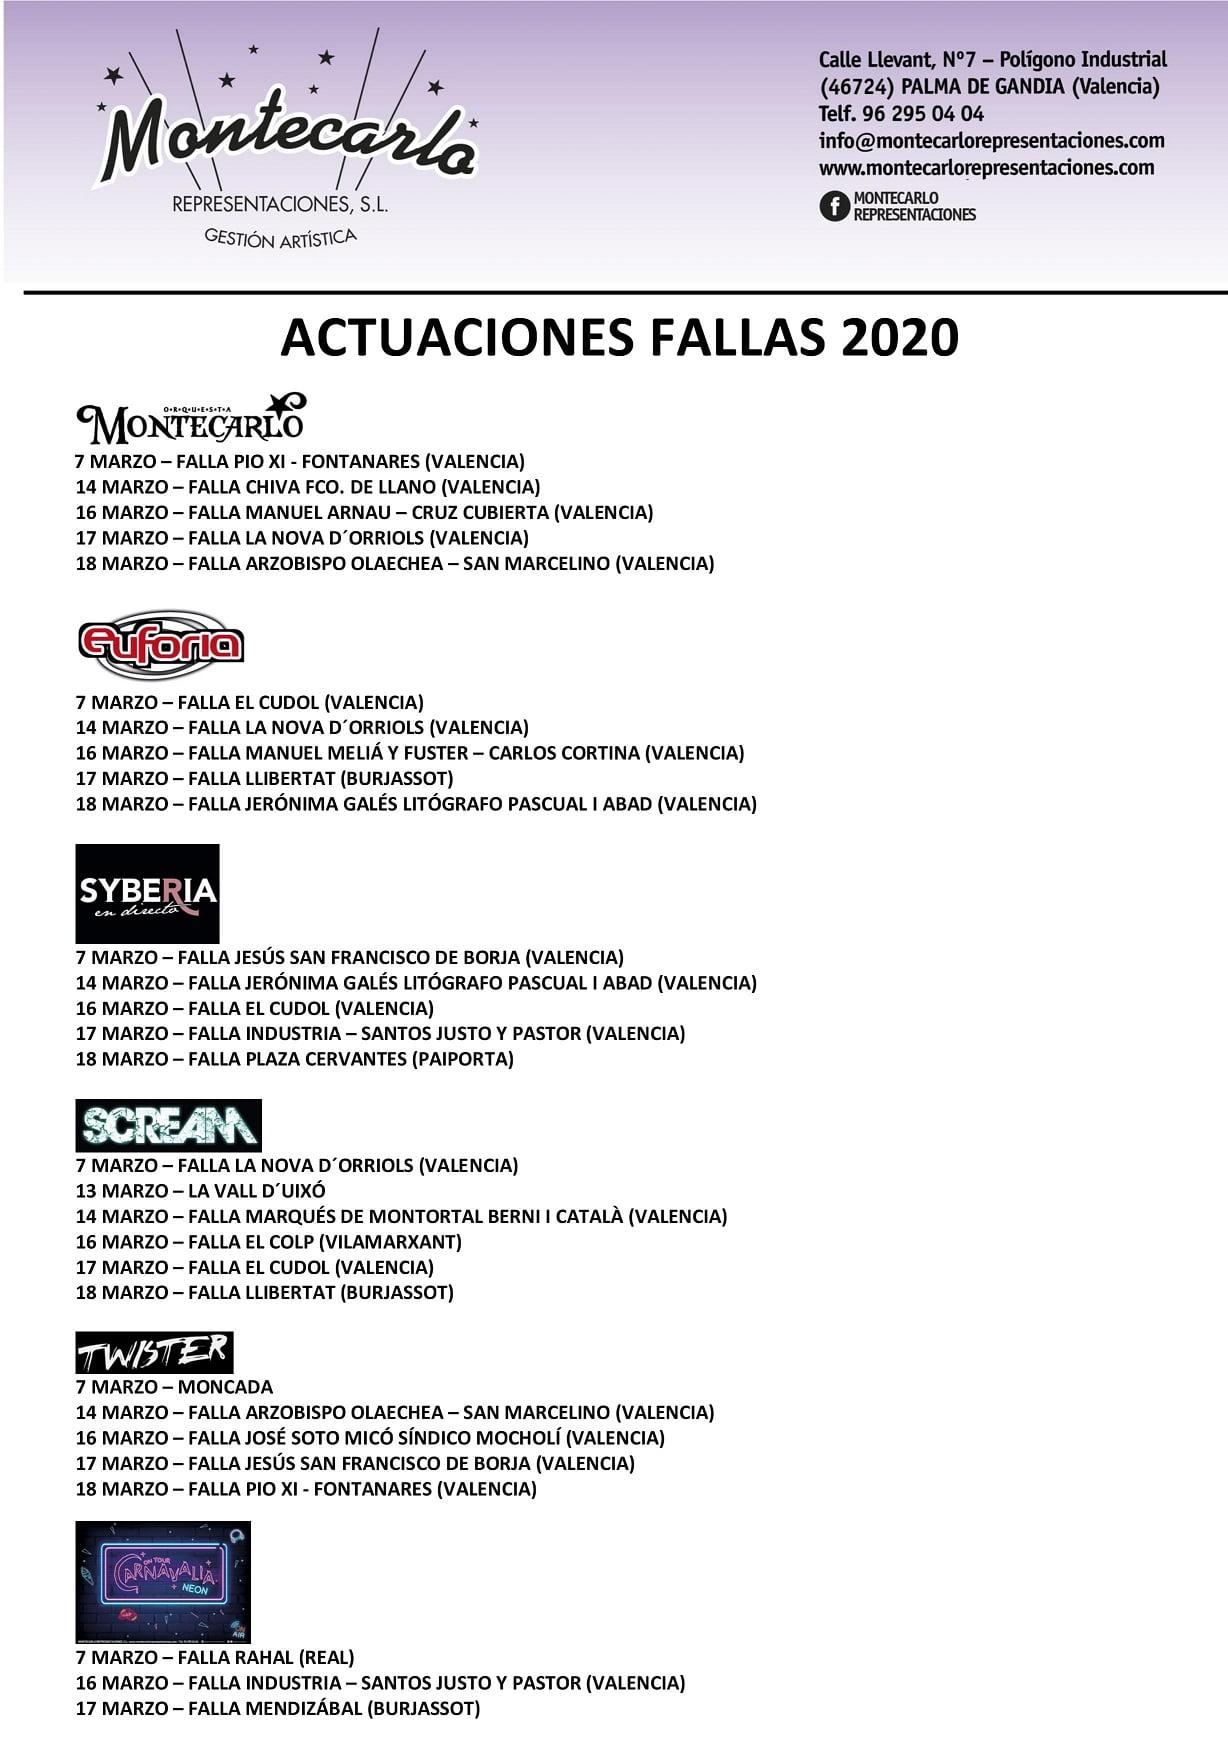 FALLAS 2020: Verbenas, orquestas y discomóviles 2